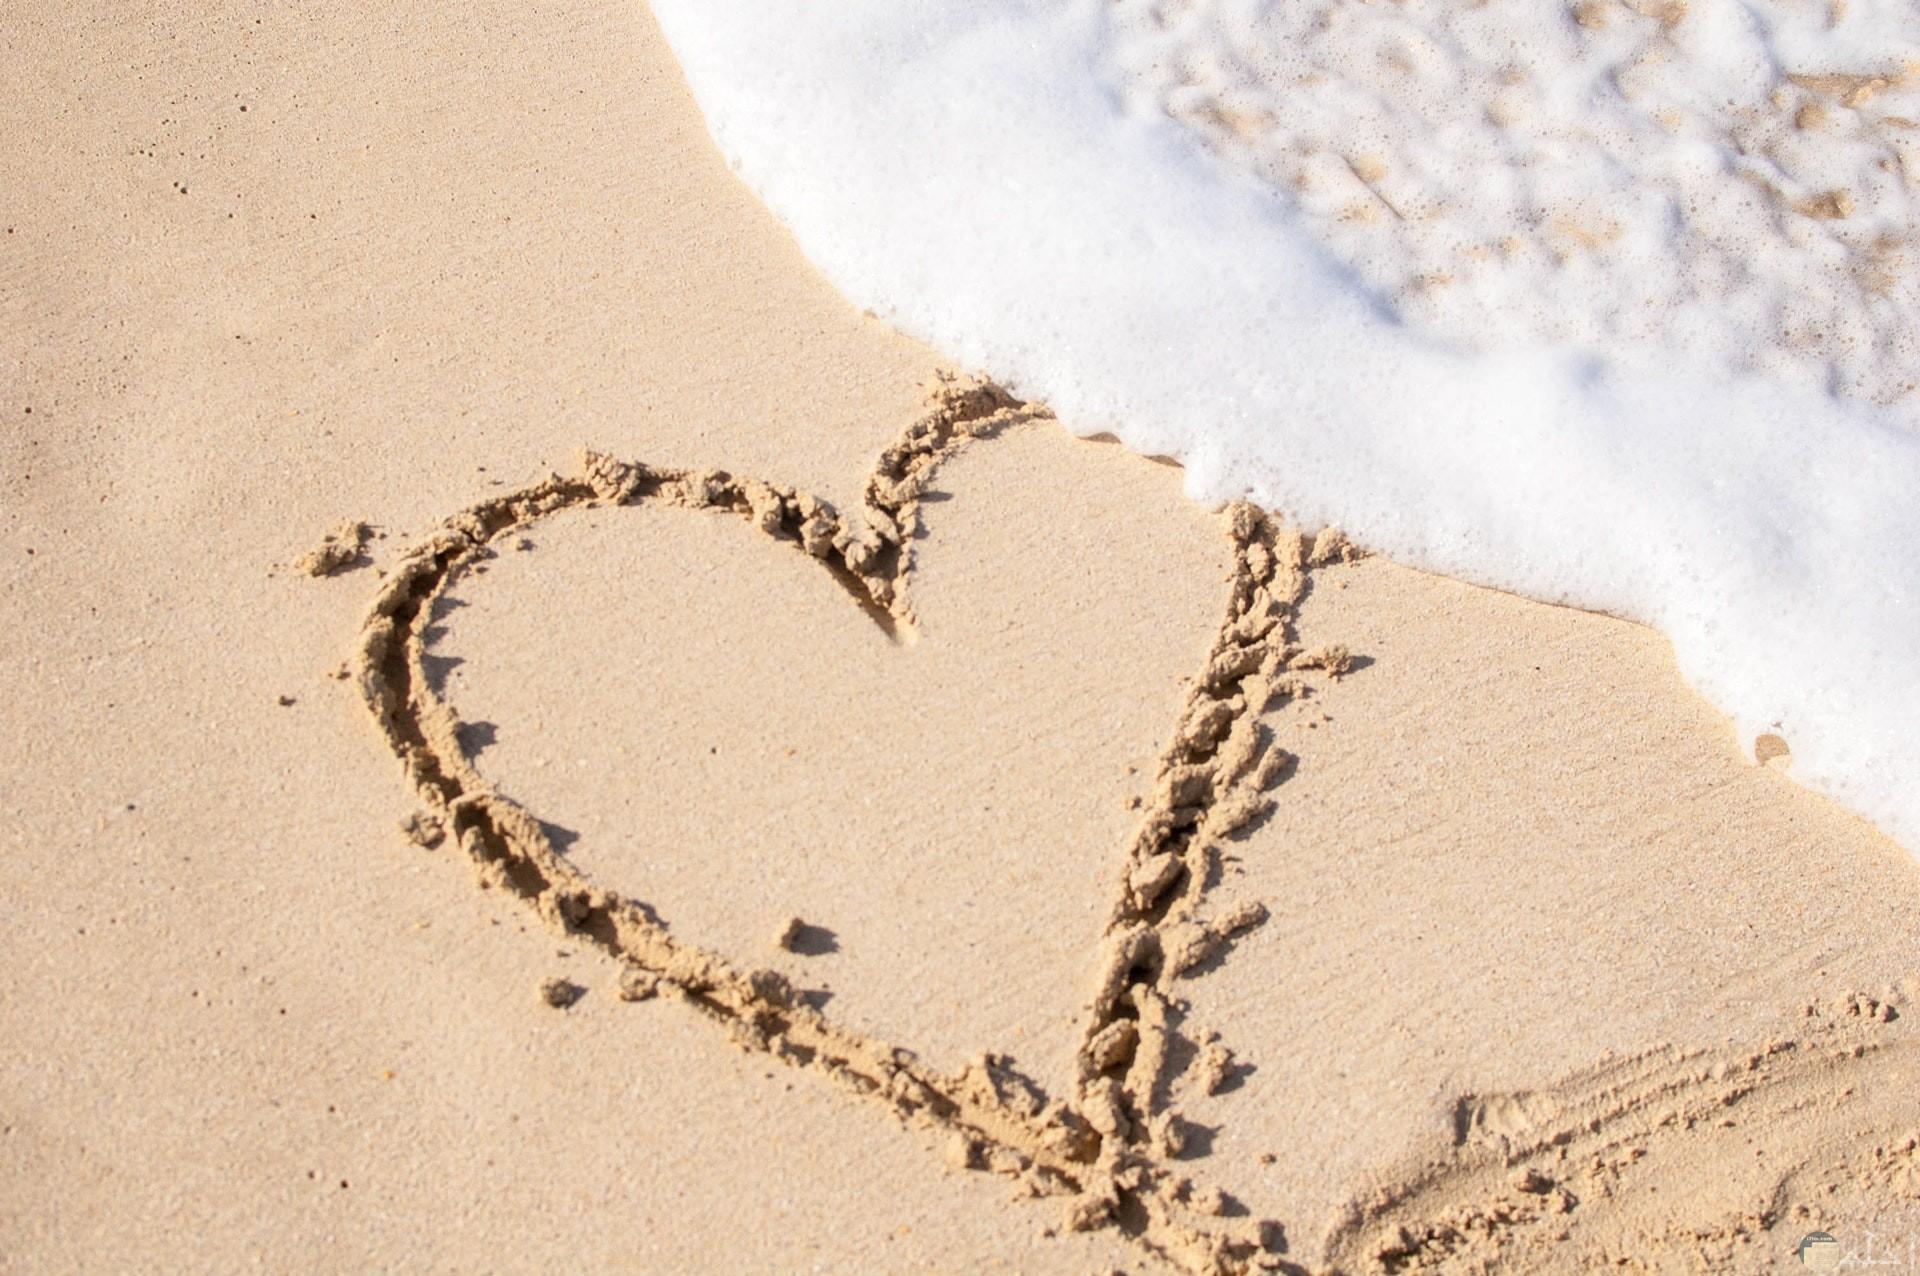 صورة جميلة جدا لقلب مرسوم علي رمال الشاطئ بجانبه مياة البحر